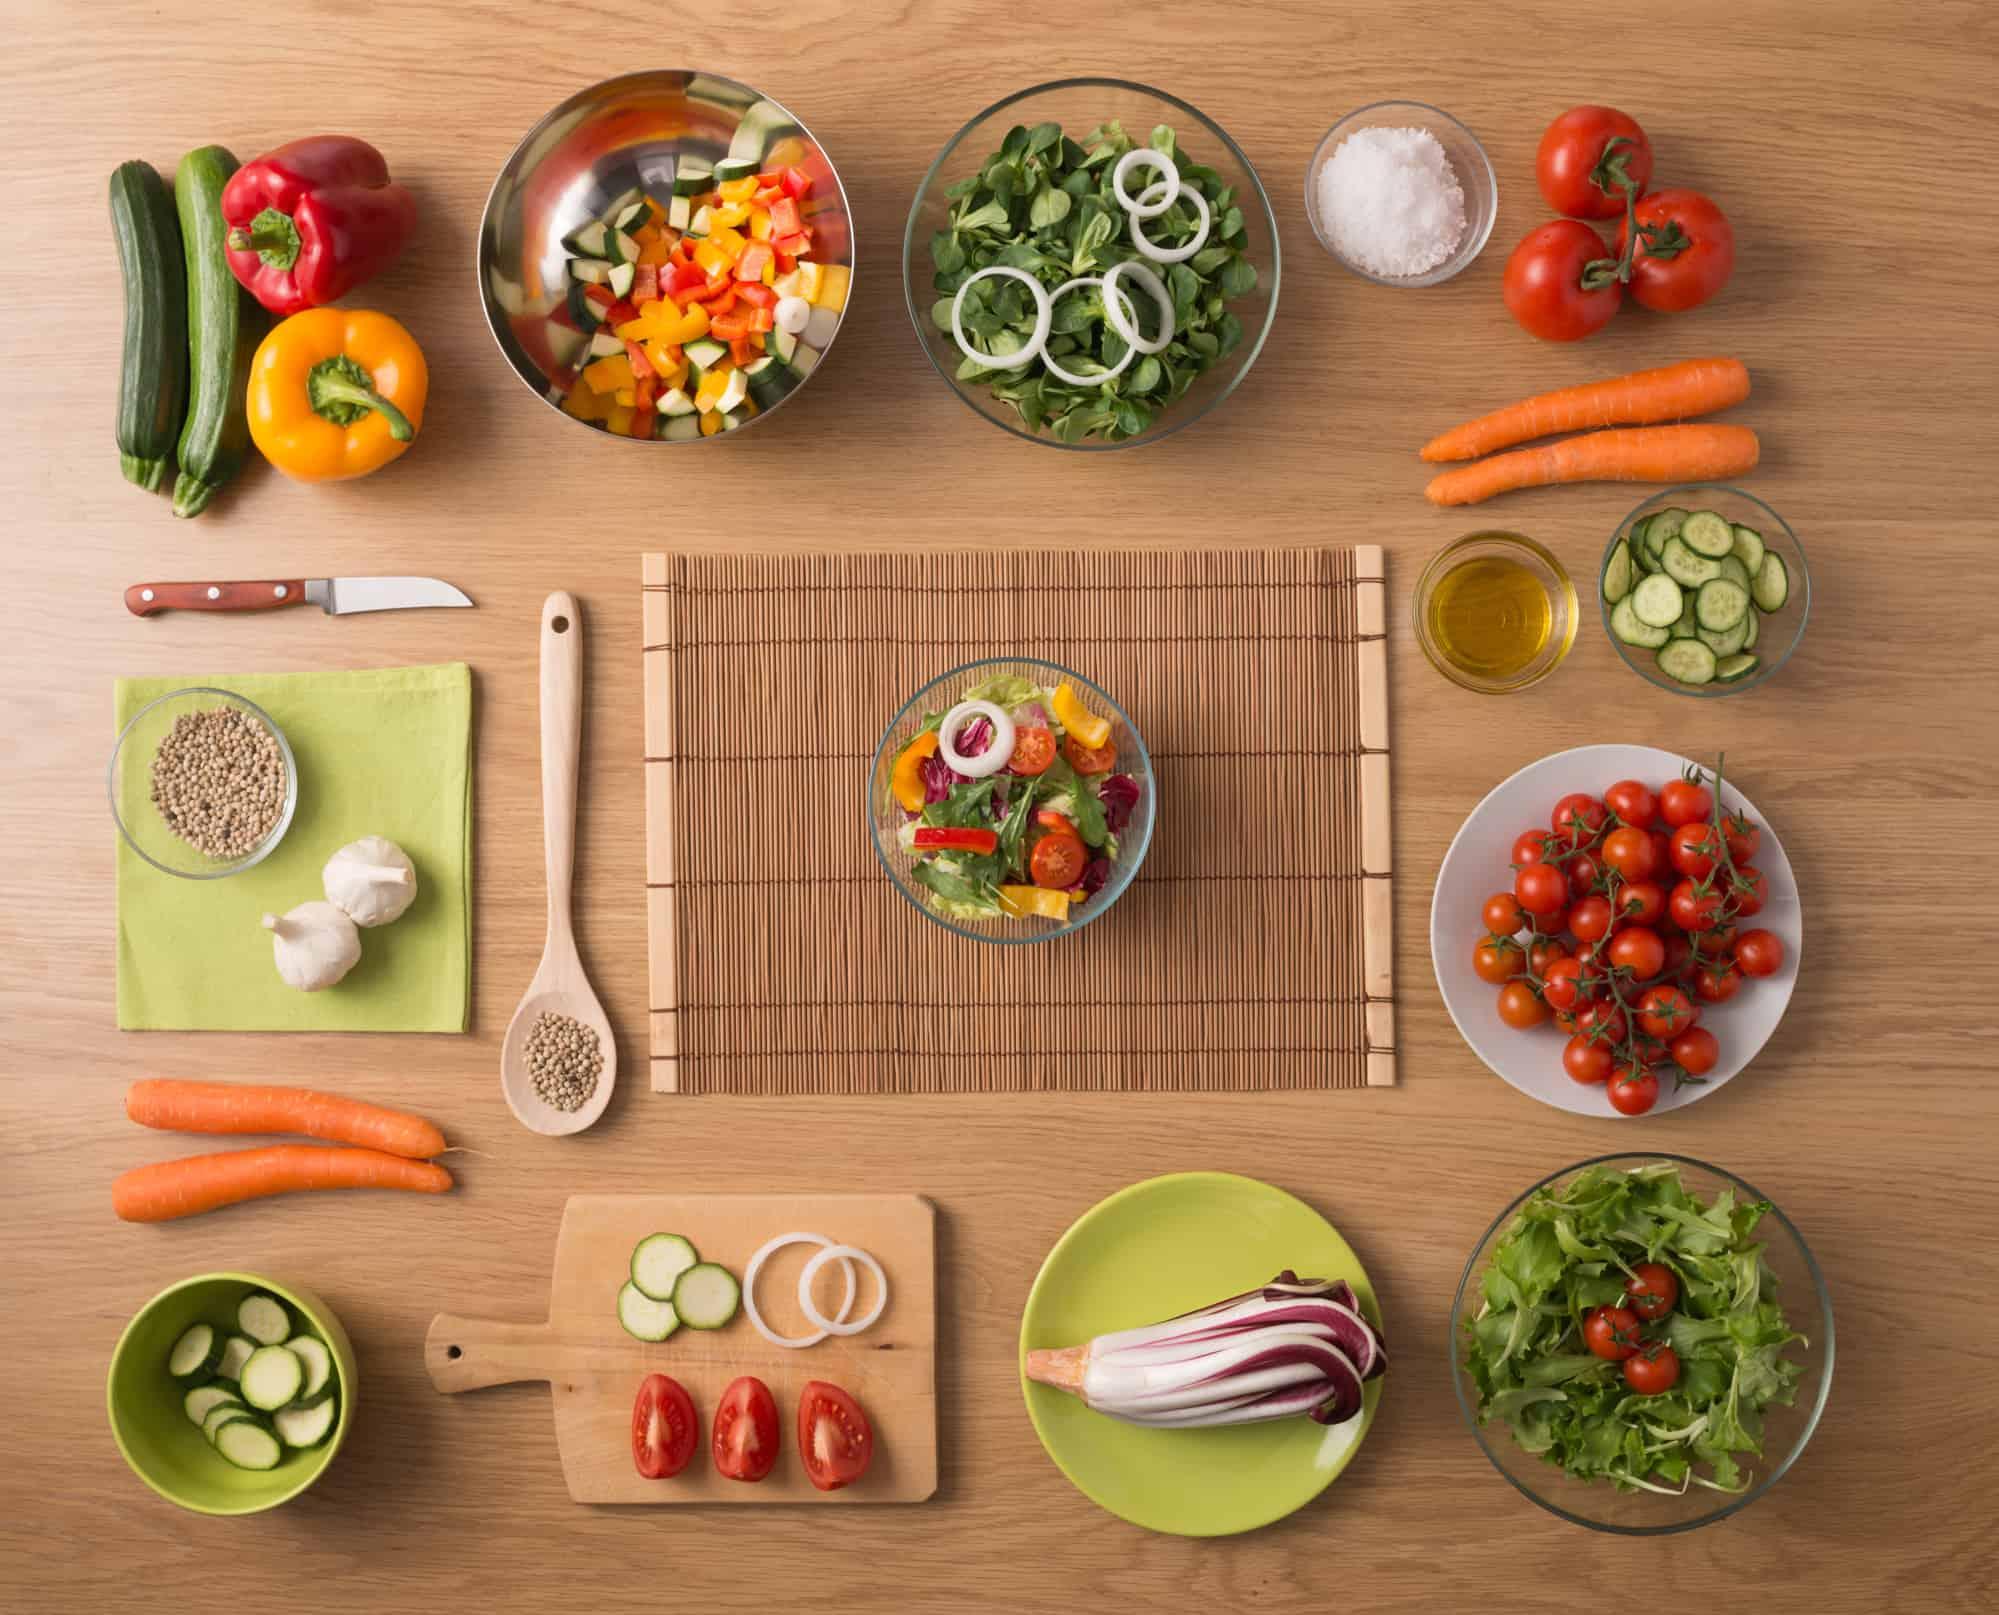 salads and kitchen wooden utensils